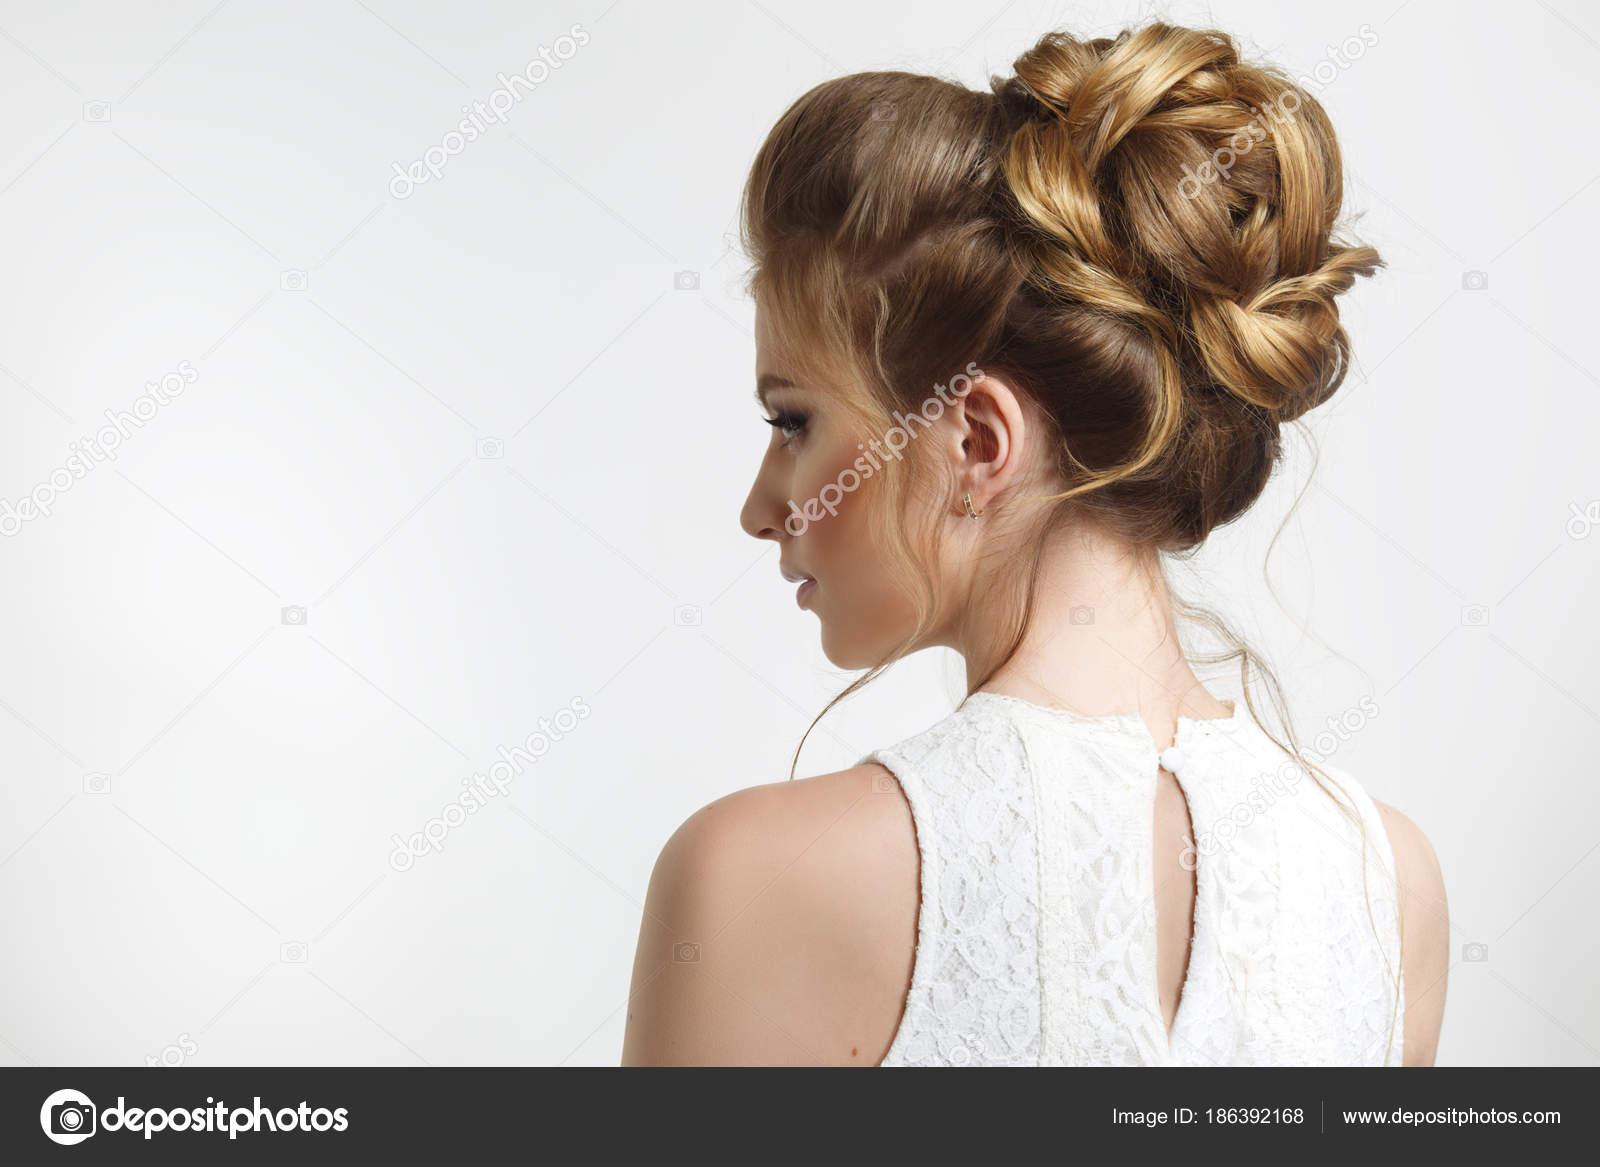 Elegant Wedding Hairstyle. Elegant Wedding Hairstyle With Elegant ...